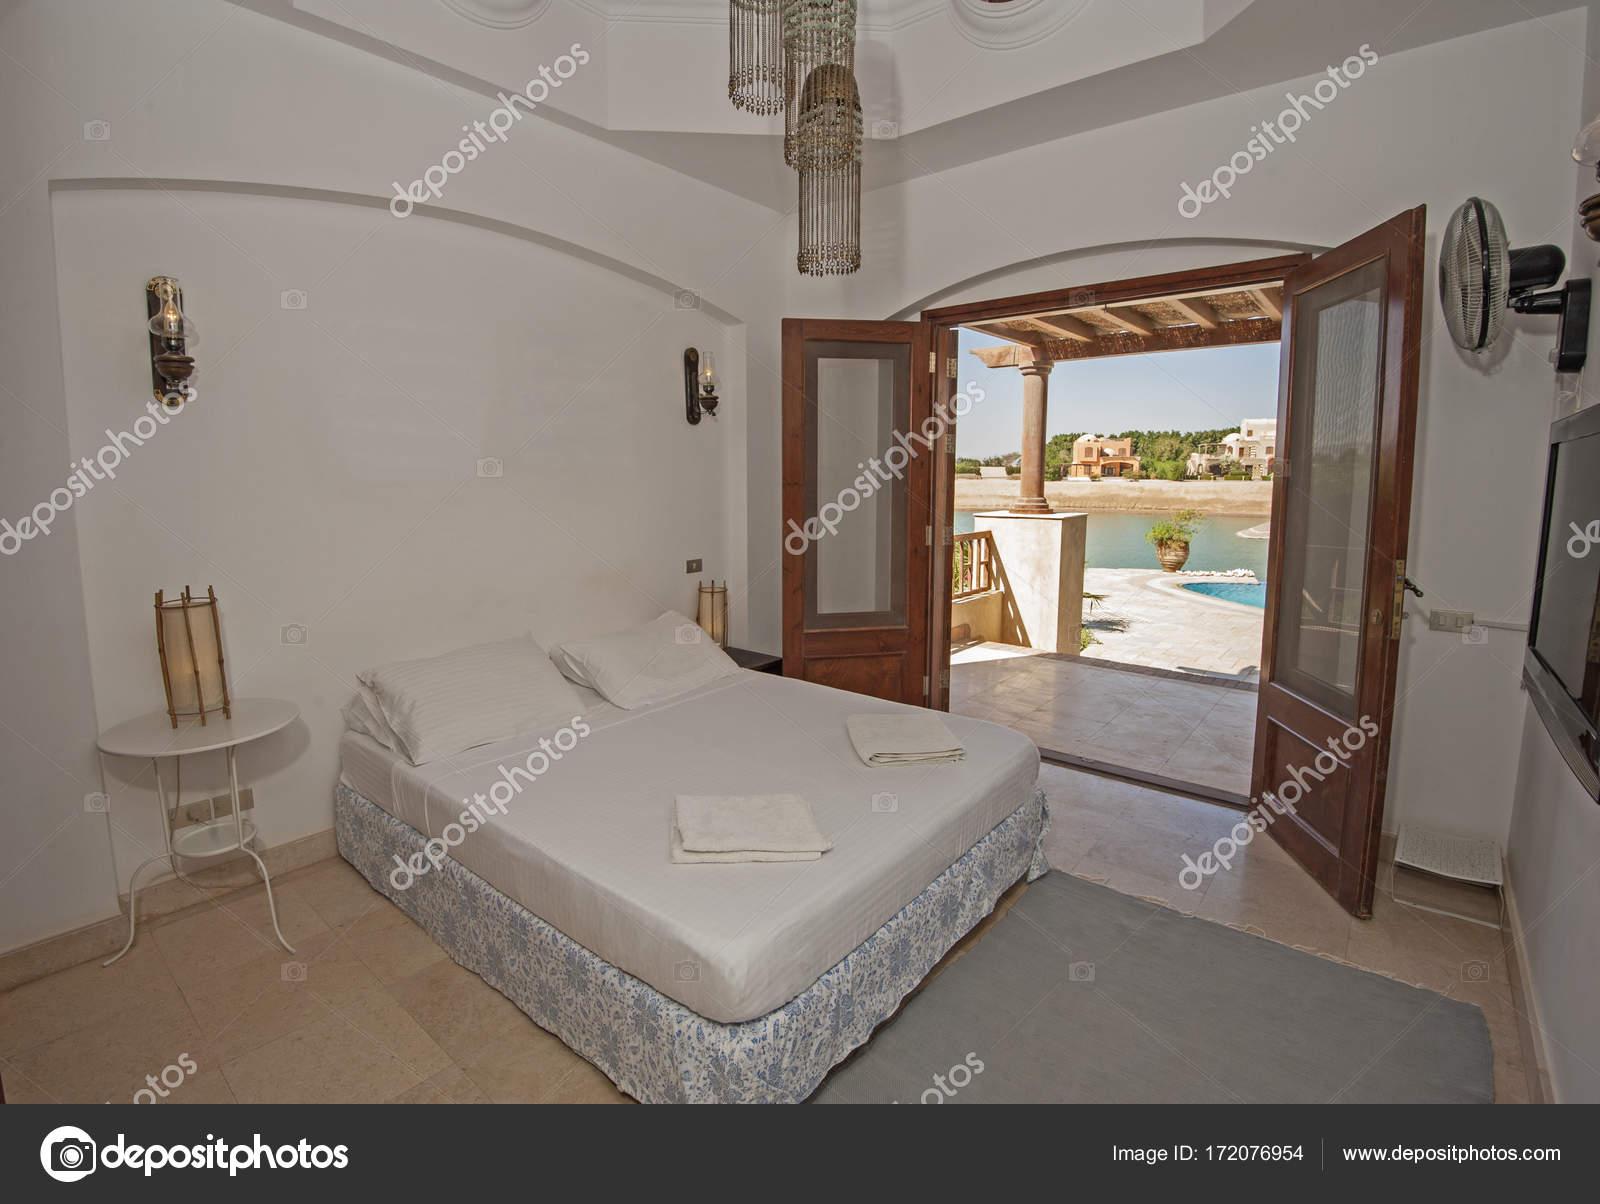 Arredamento della camera da letto in una casa con vista mare — Foto ...